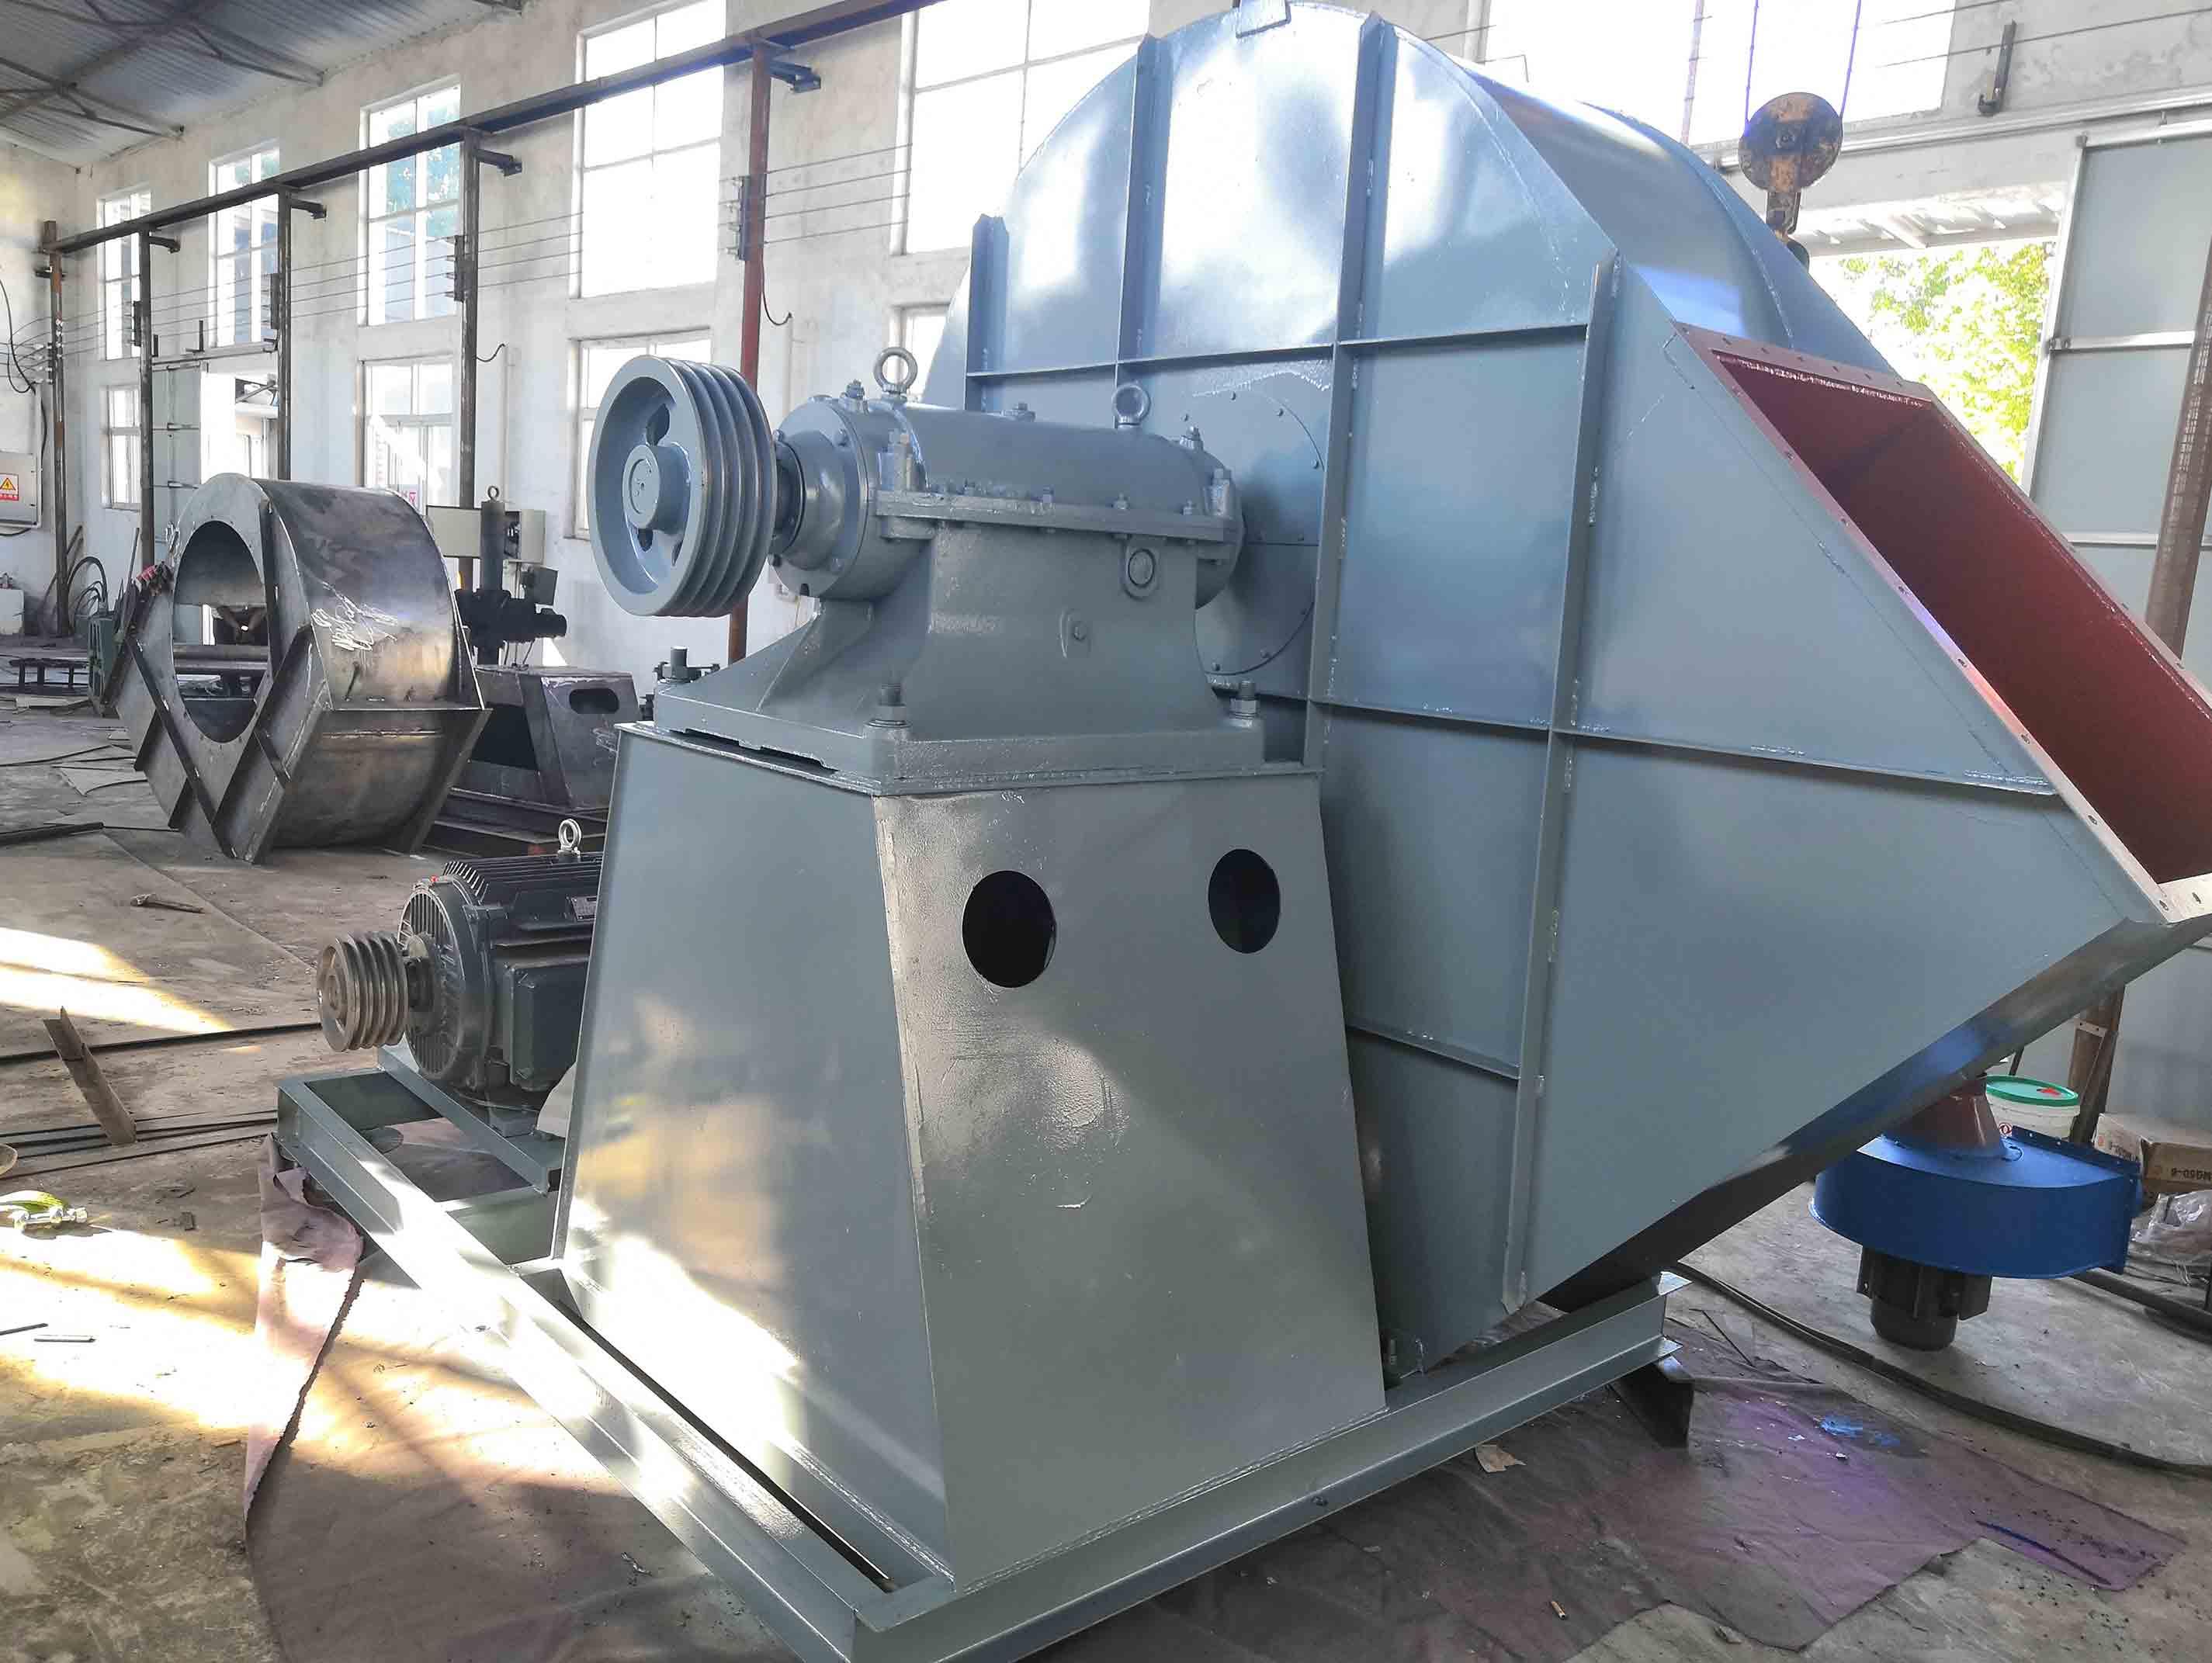 伊犁W9-28-11-5C高温风机性能优越